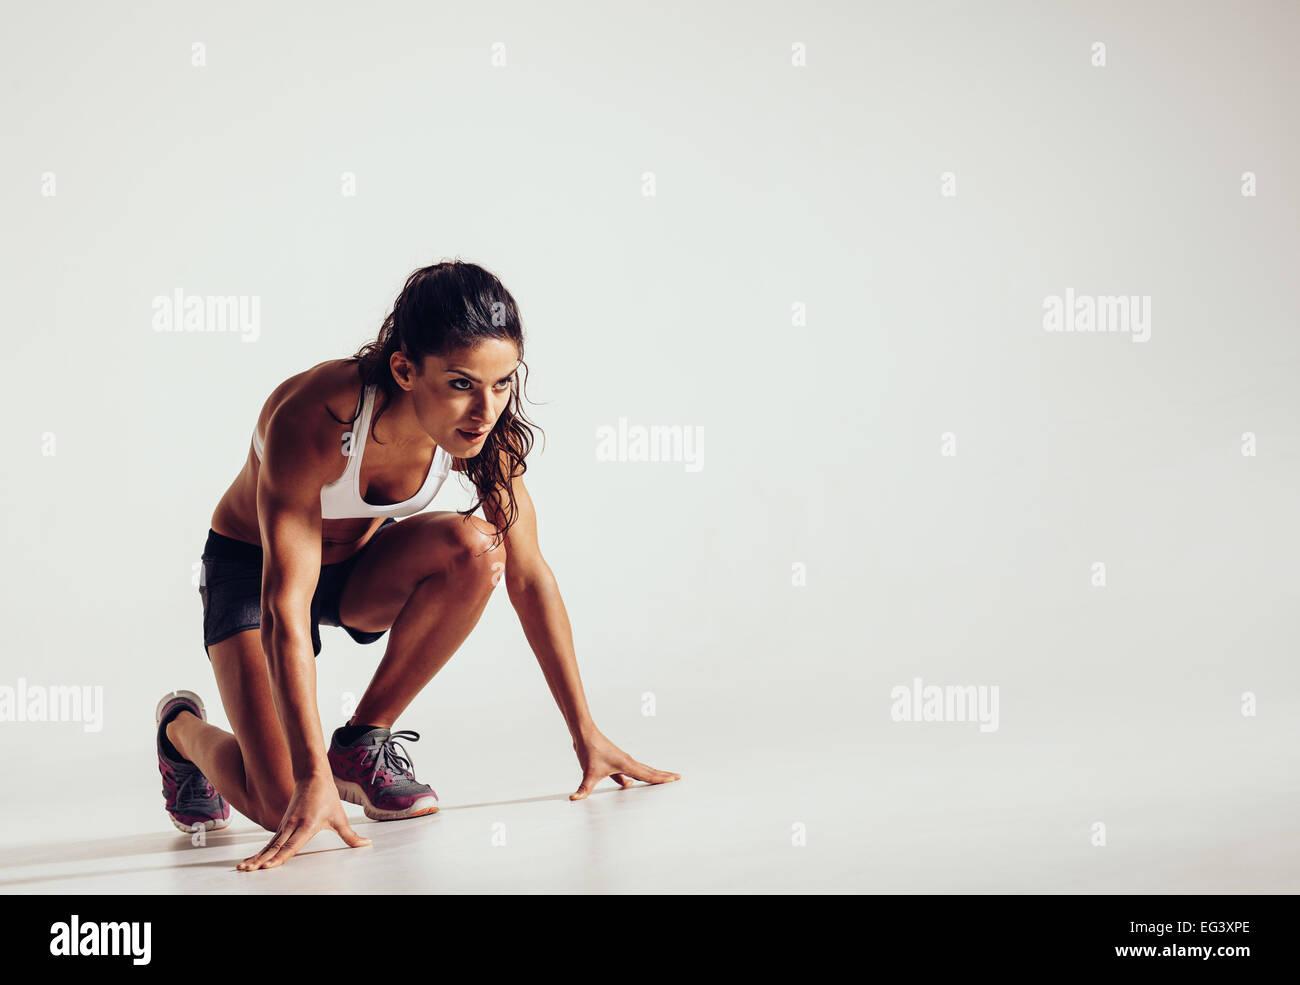 Athlète féminin en position prêt à fonctionner sur fond gris. Jeune femme déterminée Photo Stock